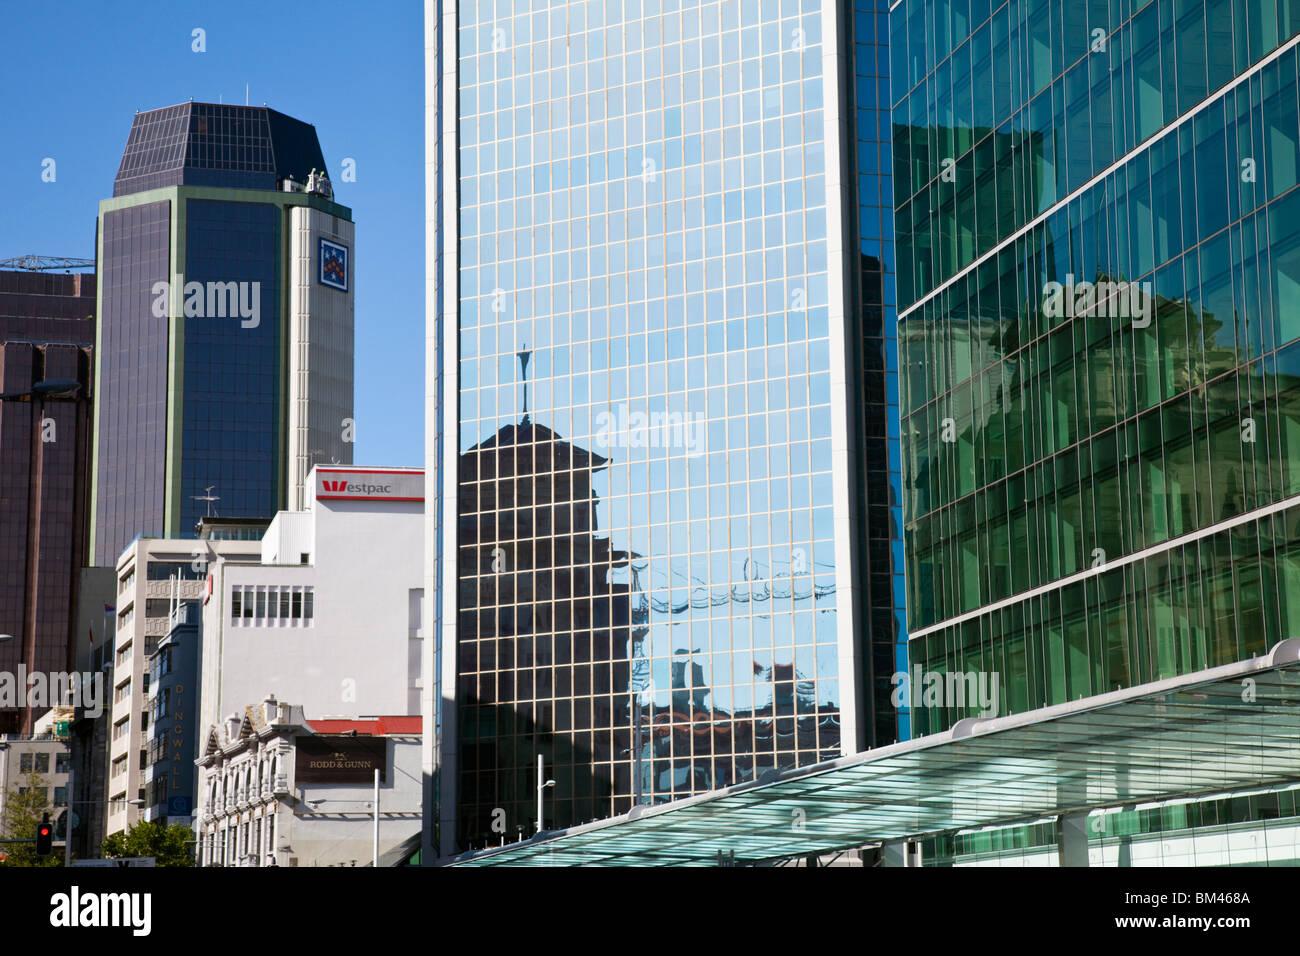 La moderna architettura del quartiere centrale degli affari. Auckland, Isola del nord, Nuova Zelanda Immagini Stock